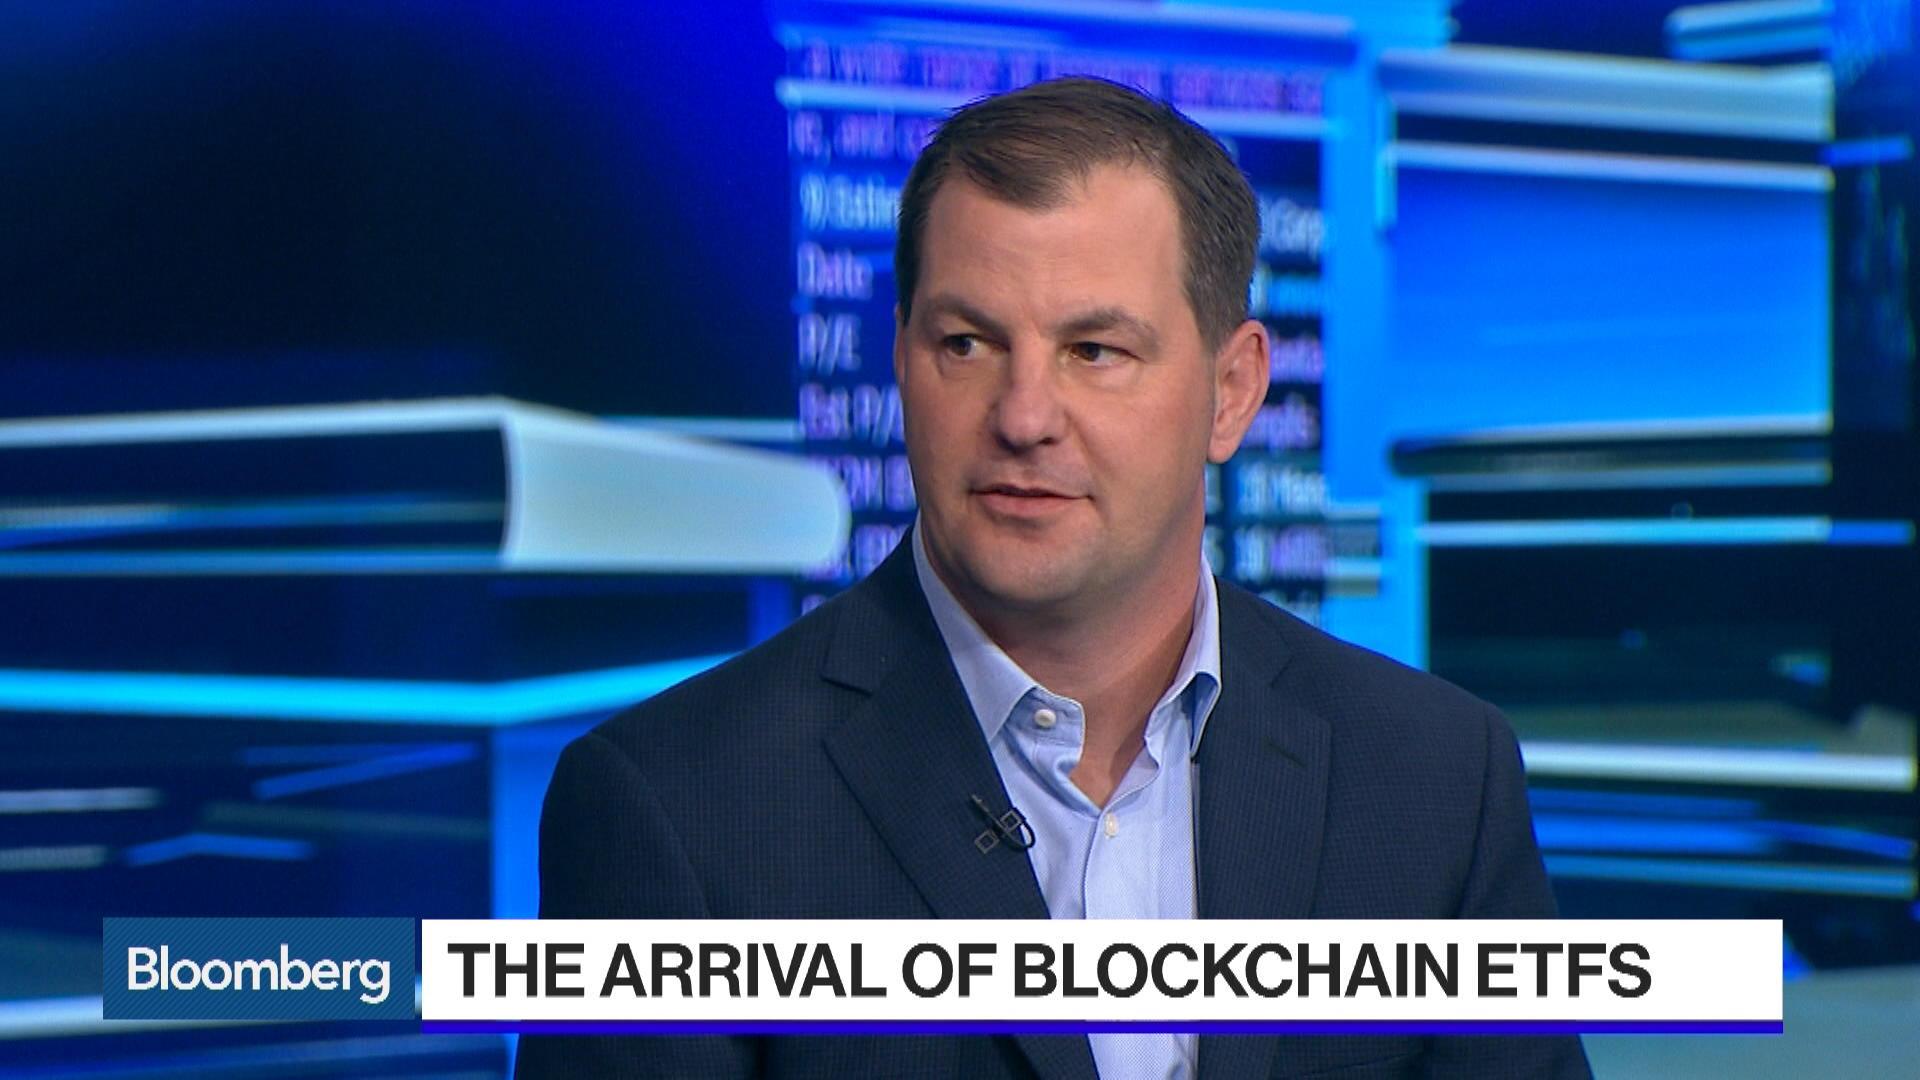 Blockchain ETFs Hit the Market